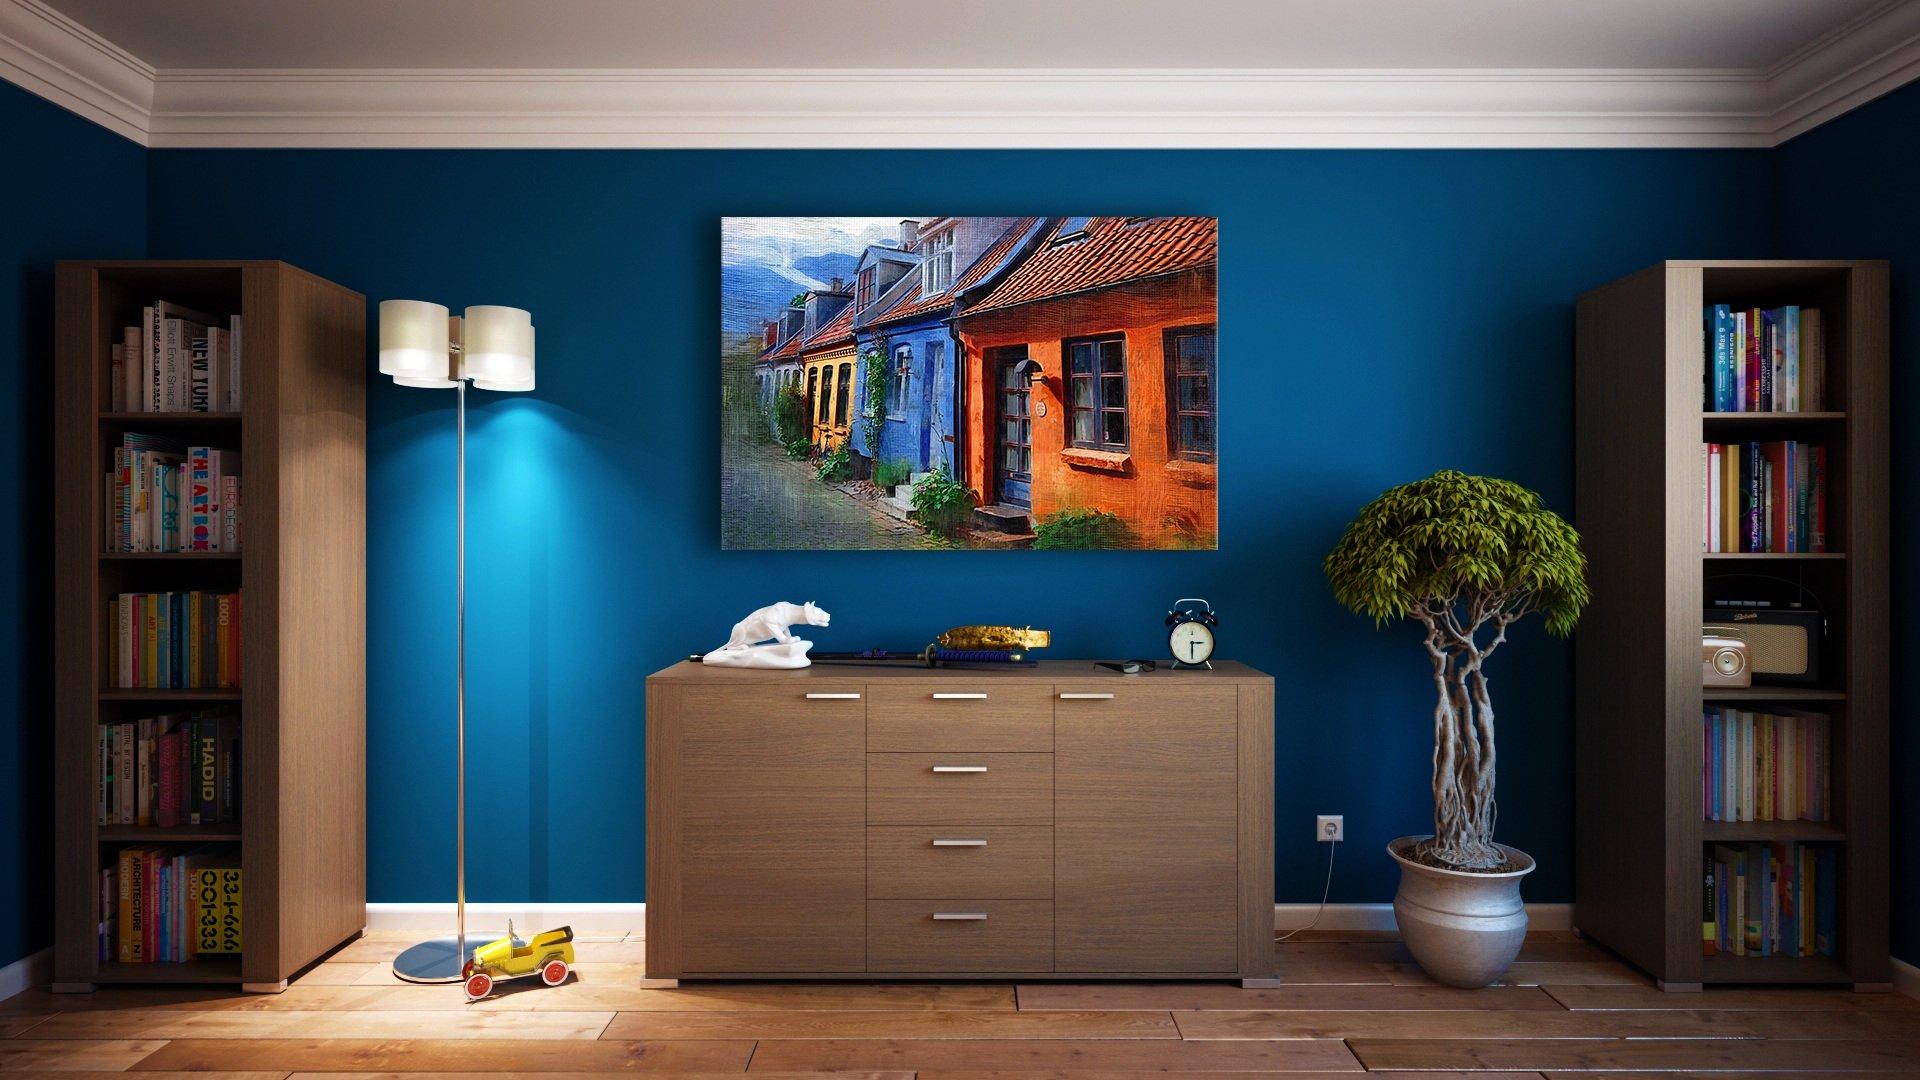 Room with cornice